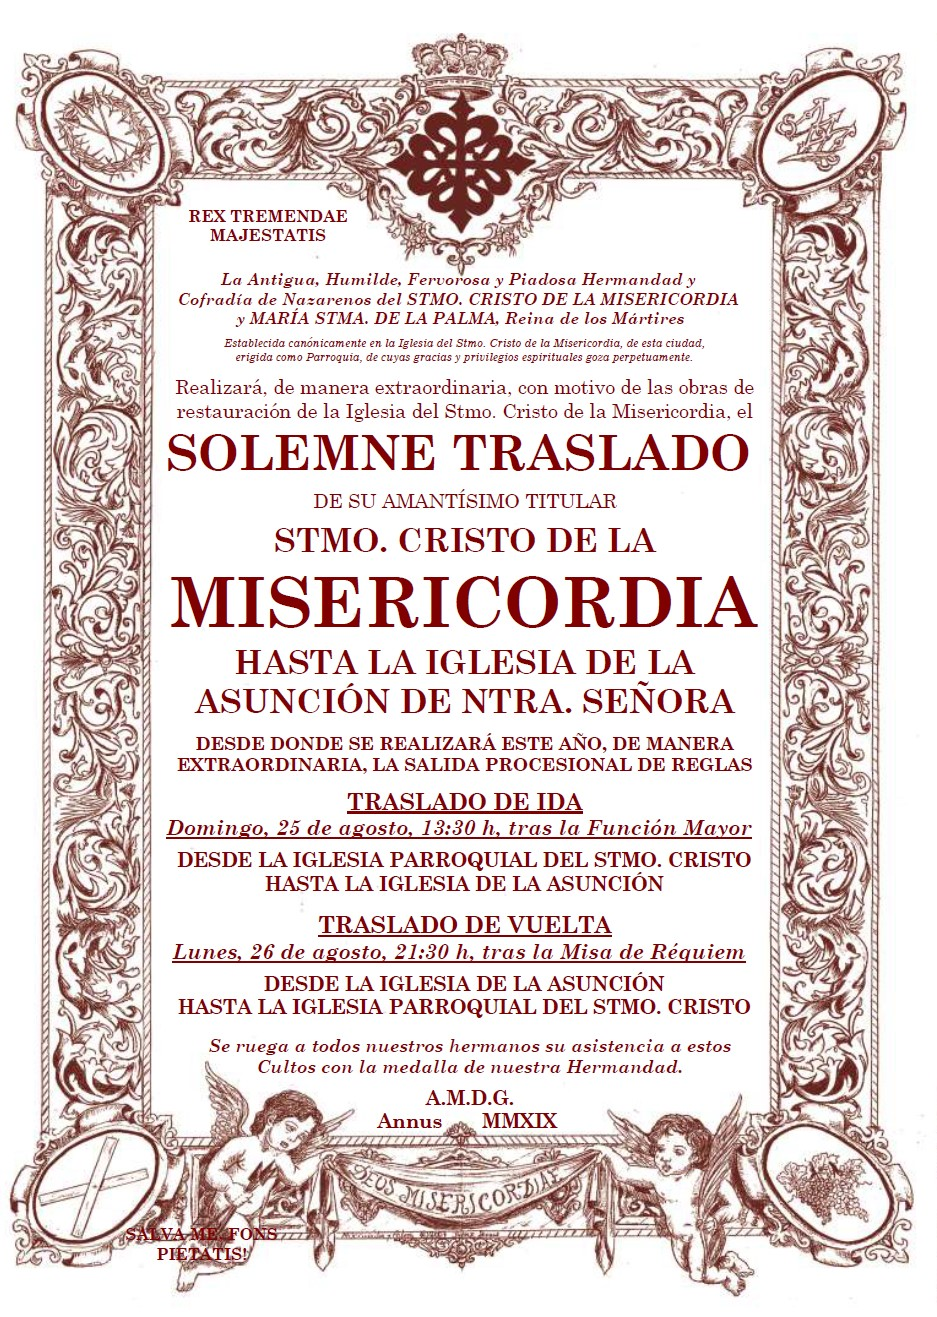 Traslado del Stmo. Cristo de la Misericordia a la Iglesia de la Asunción de Nuestra Señora para la Salida Procesional de Reglas.